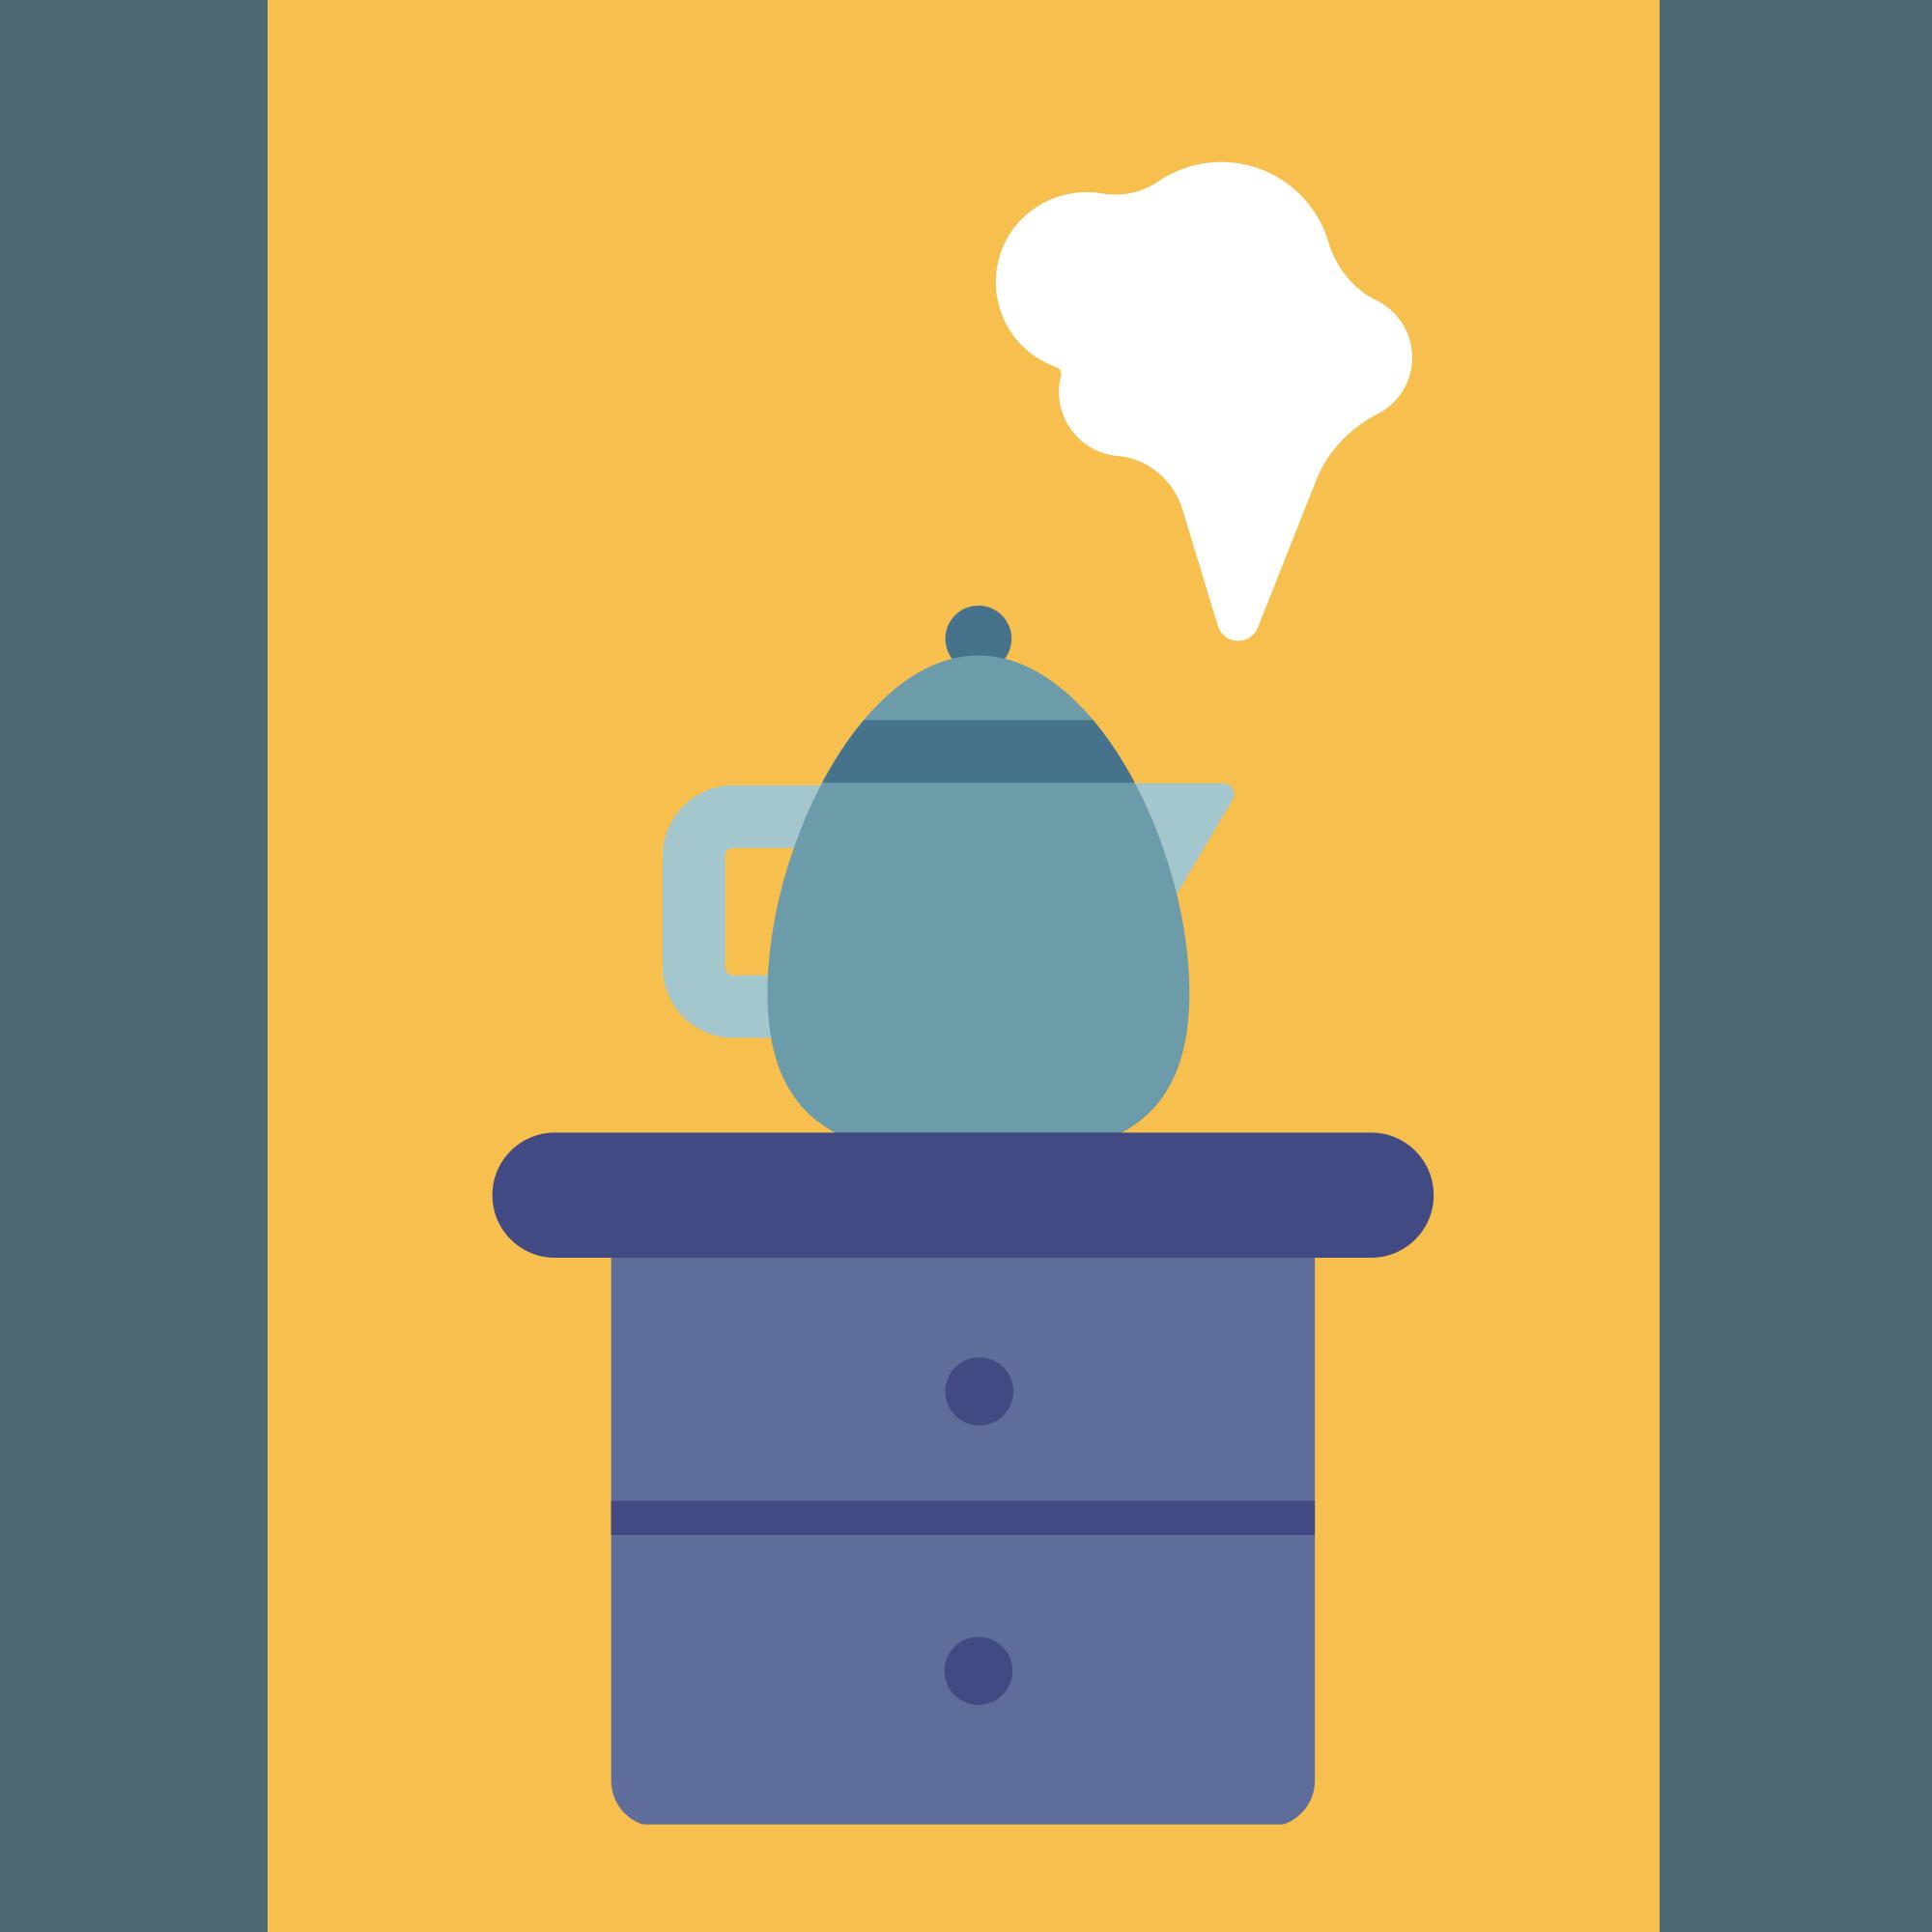 La science qui se mange :  Petites expériences comestibles à réaliser en famille (Ateliers parents-enfants)